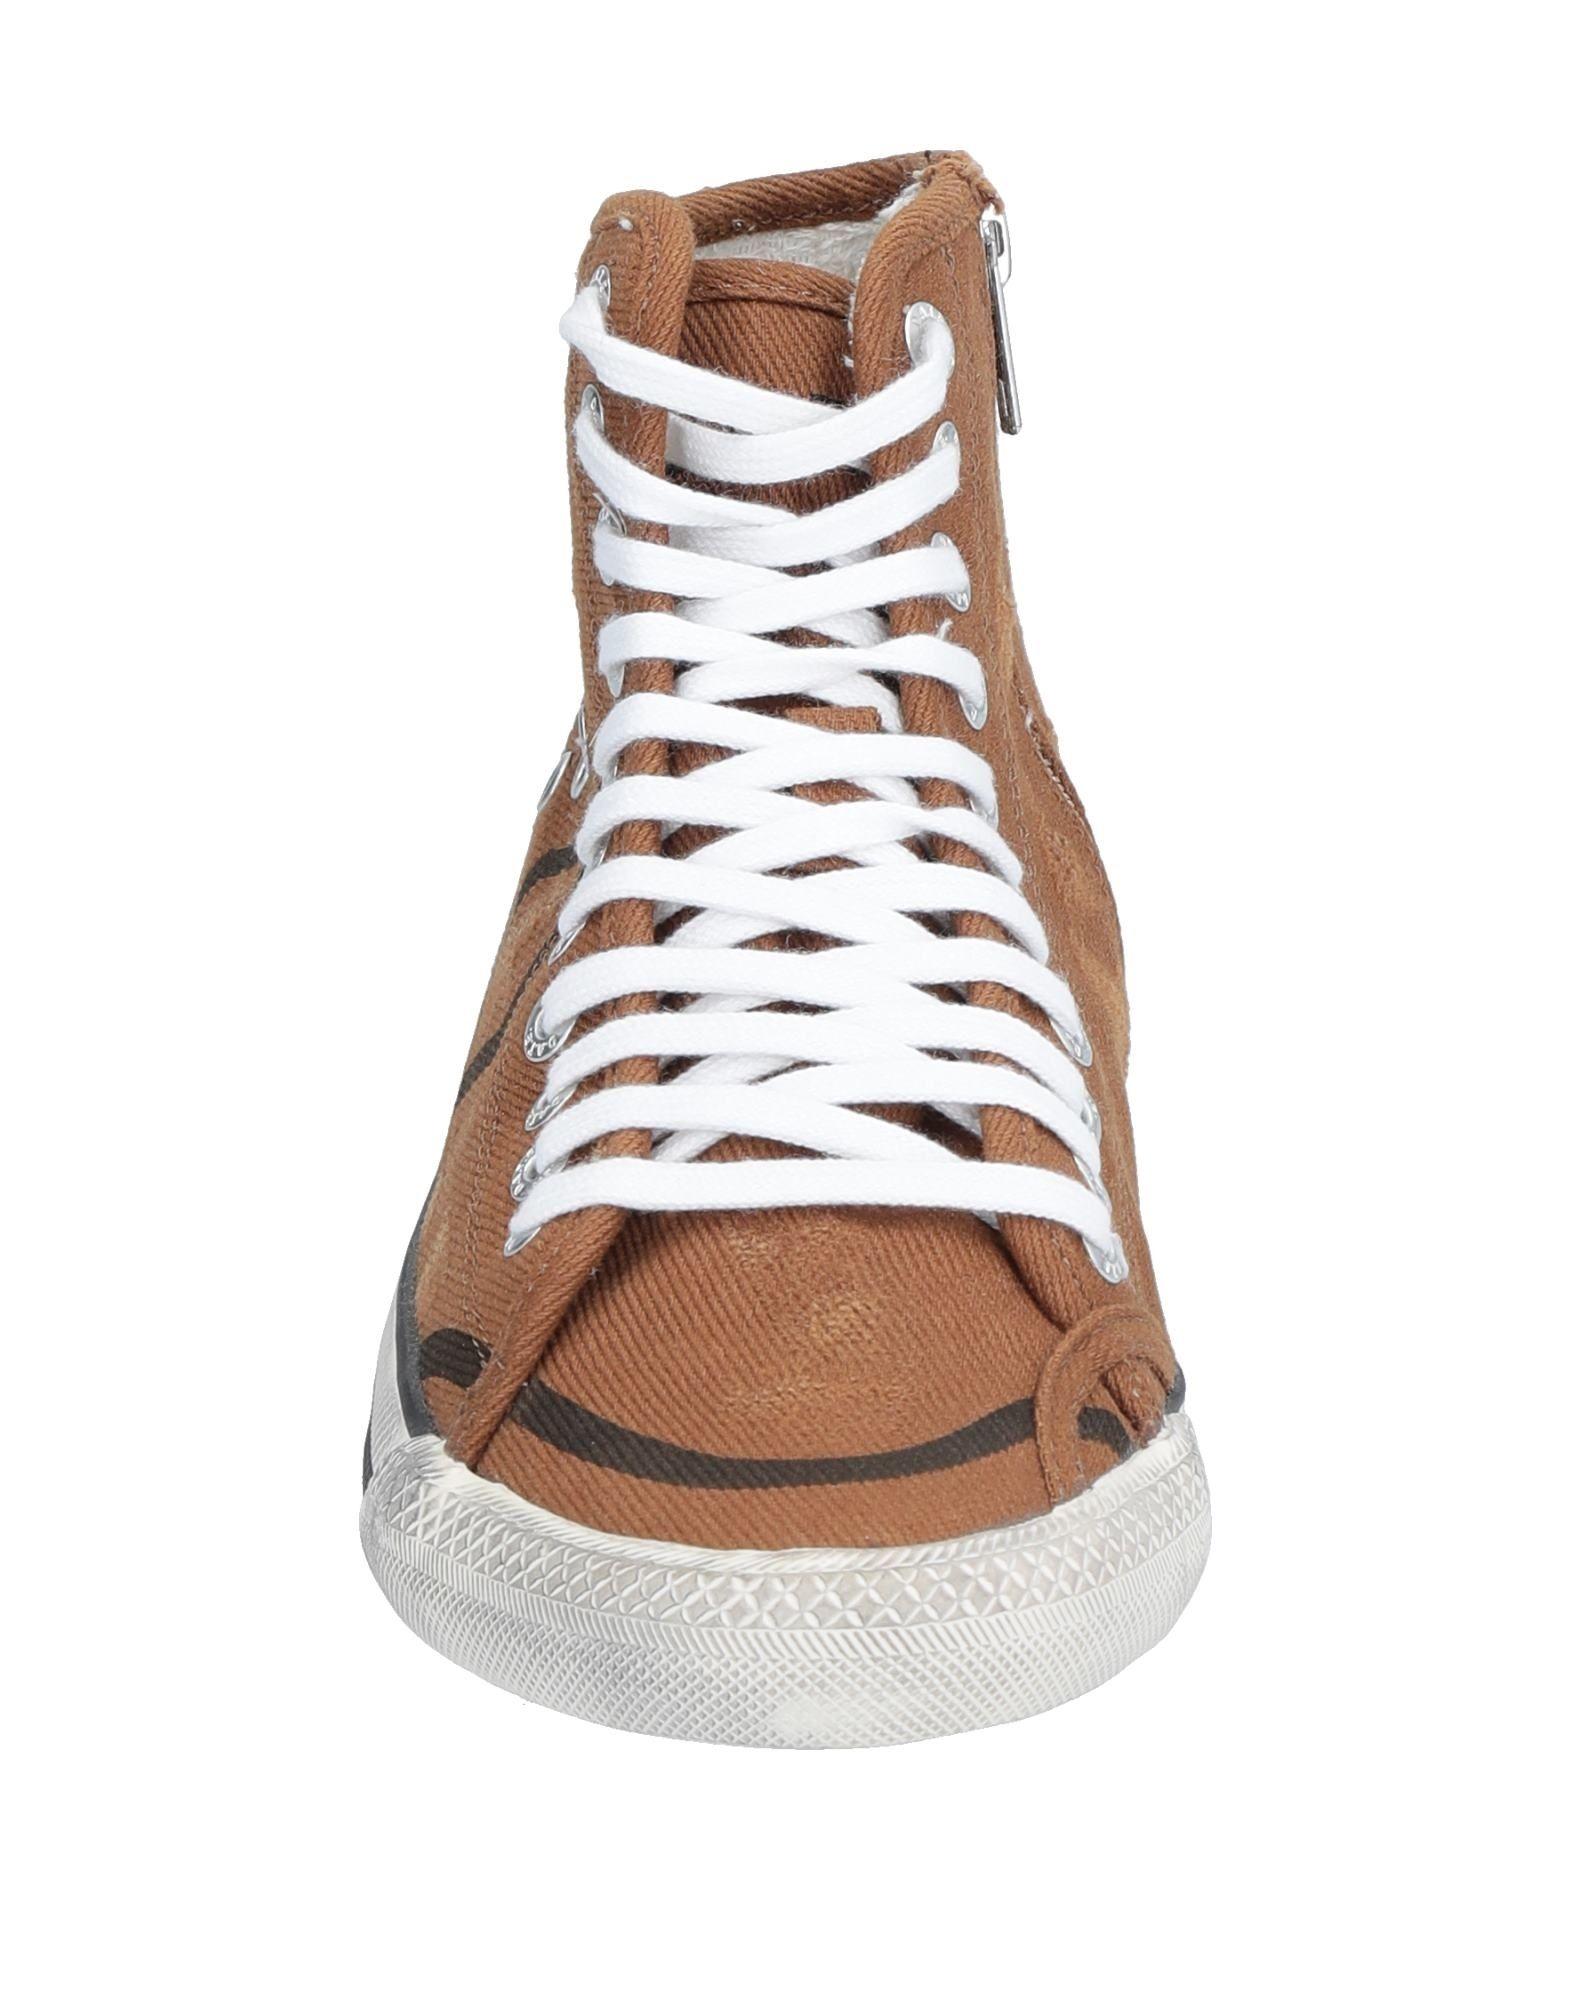 Gut um billige Schuhe zu 11533995IO tragenD.A.T.E. Sneakers Damen  11533995IO zu 6f18e0